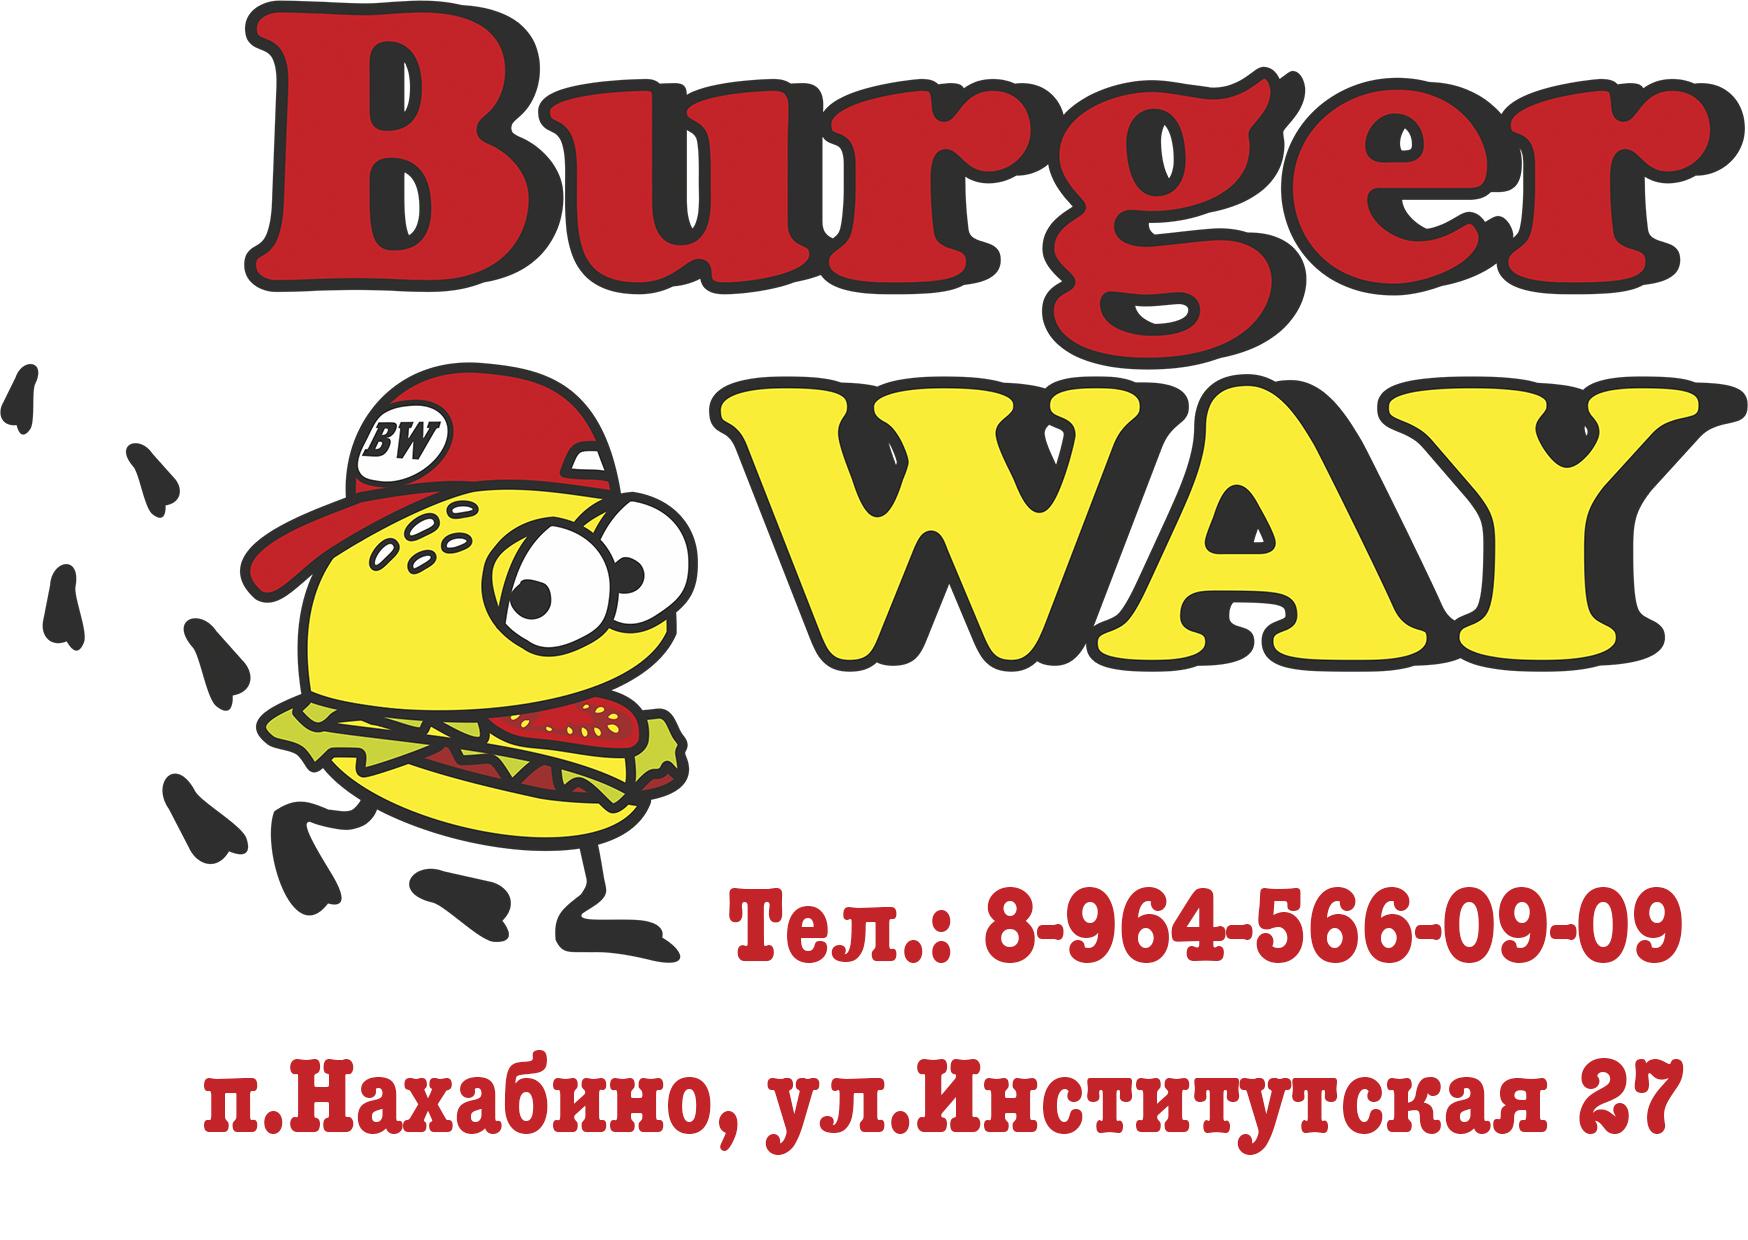 Бургер Вэй